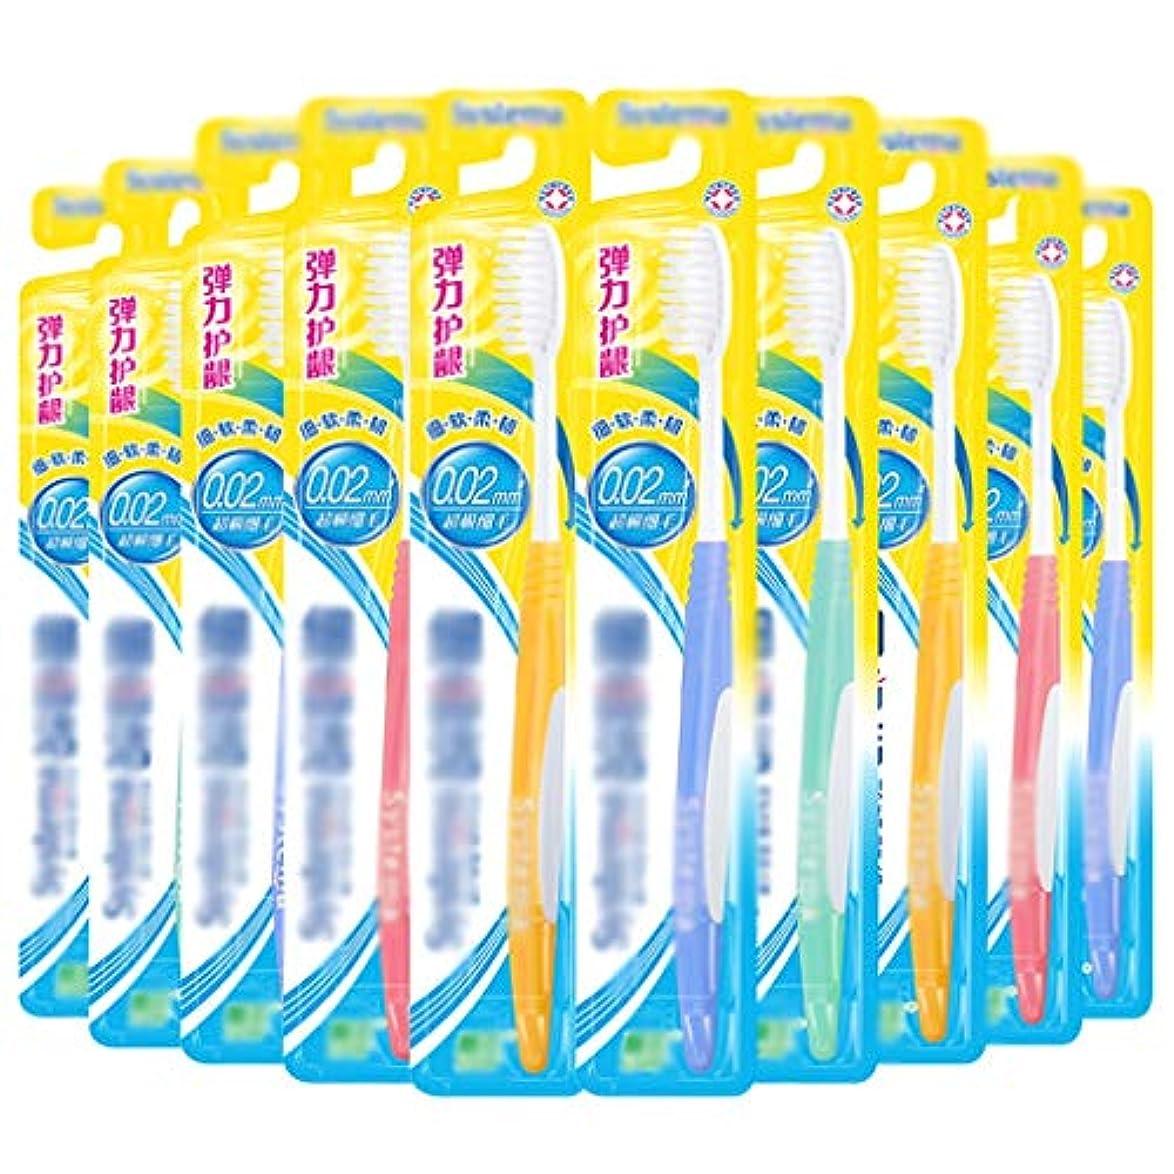 耐える代理人残酷な大人歯ブラシ、竹炭歯ブラシ、看護ガム用歯ブラシ、10パック(ランダムカラー)